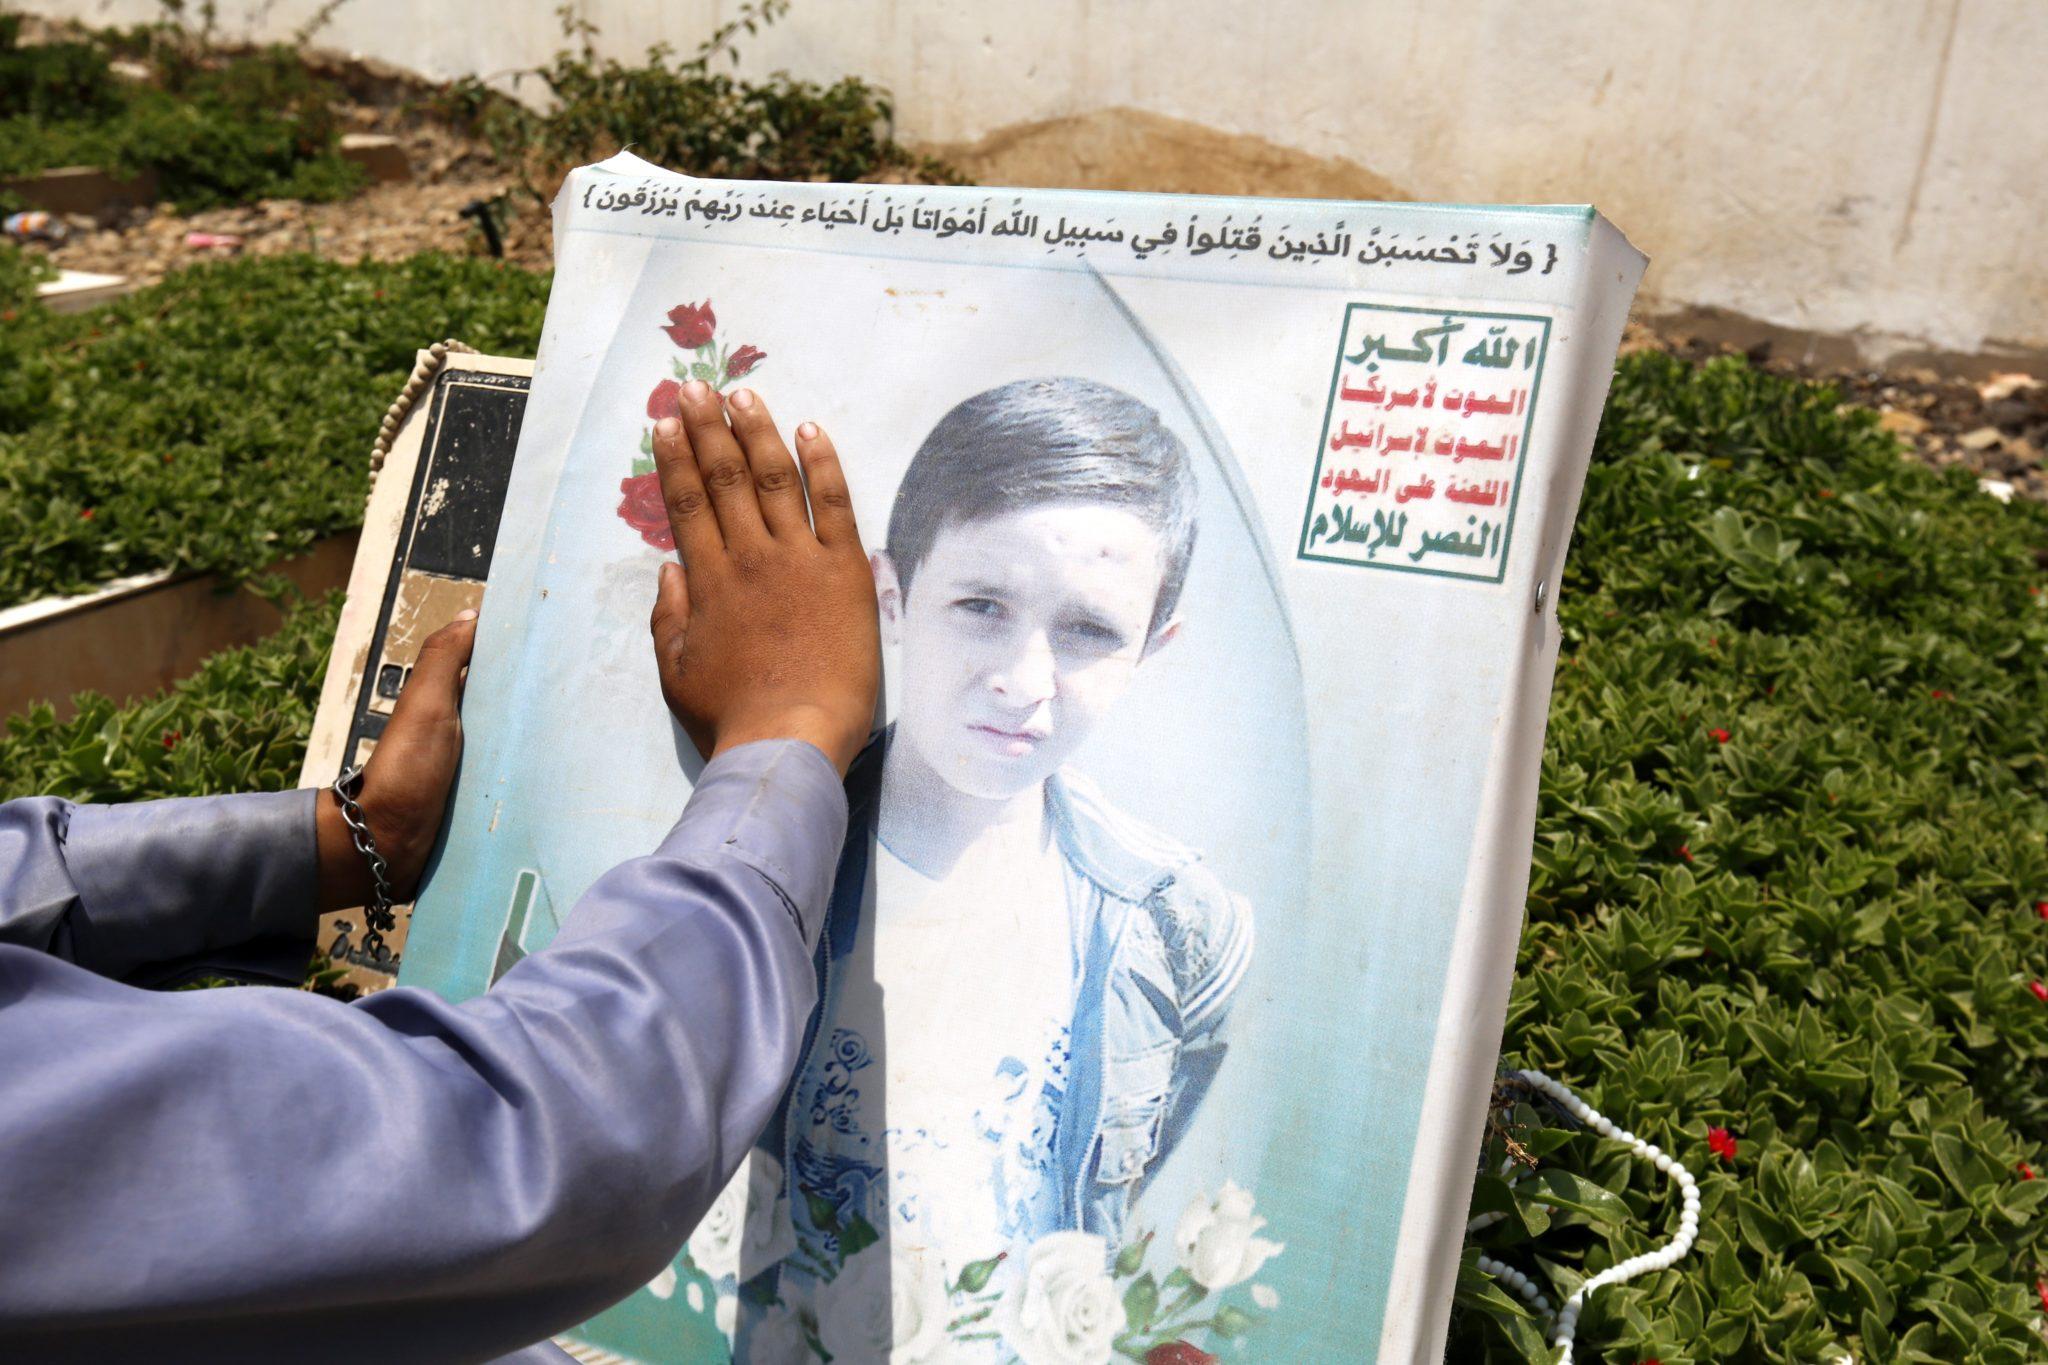 Jemen. Portrety dzieci zabitych w trwającym w tym kraju konflikcie. Według ostatniego raportu UNICEFU w konflikcie w tym roku zginęło w sumie 200 dzieci. fot: Yahya Arhab, PAP/EPA